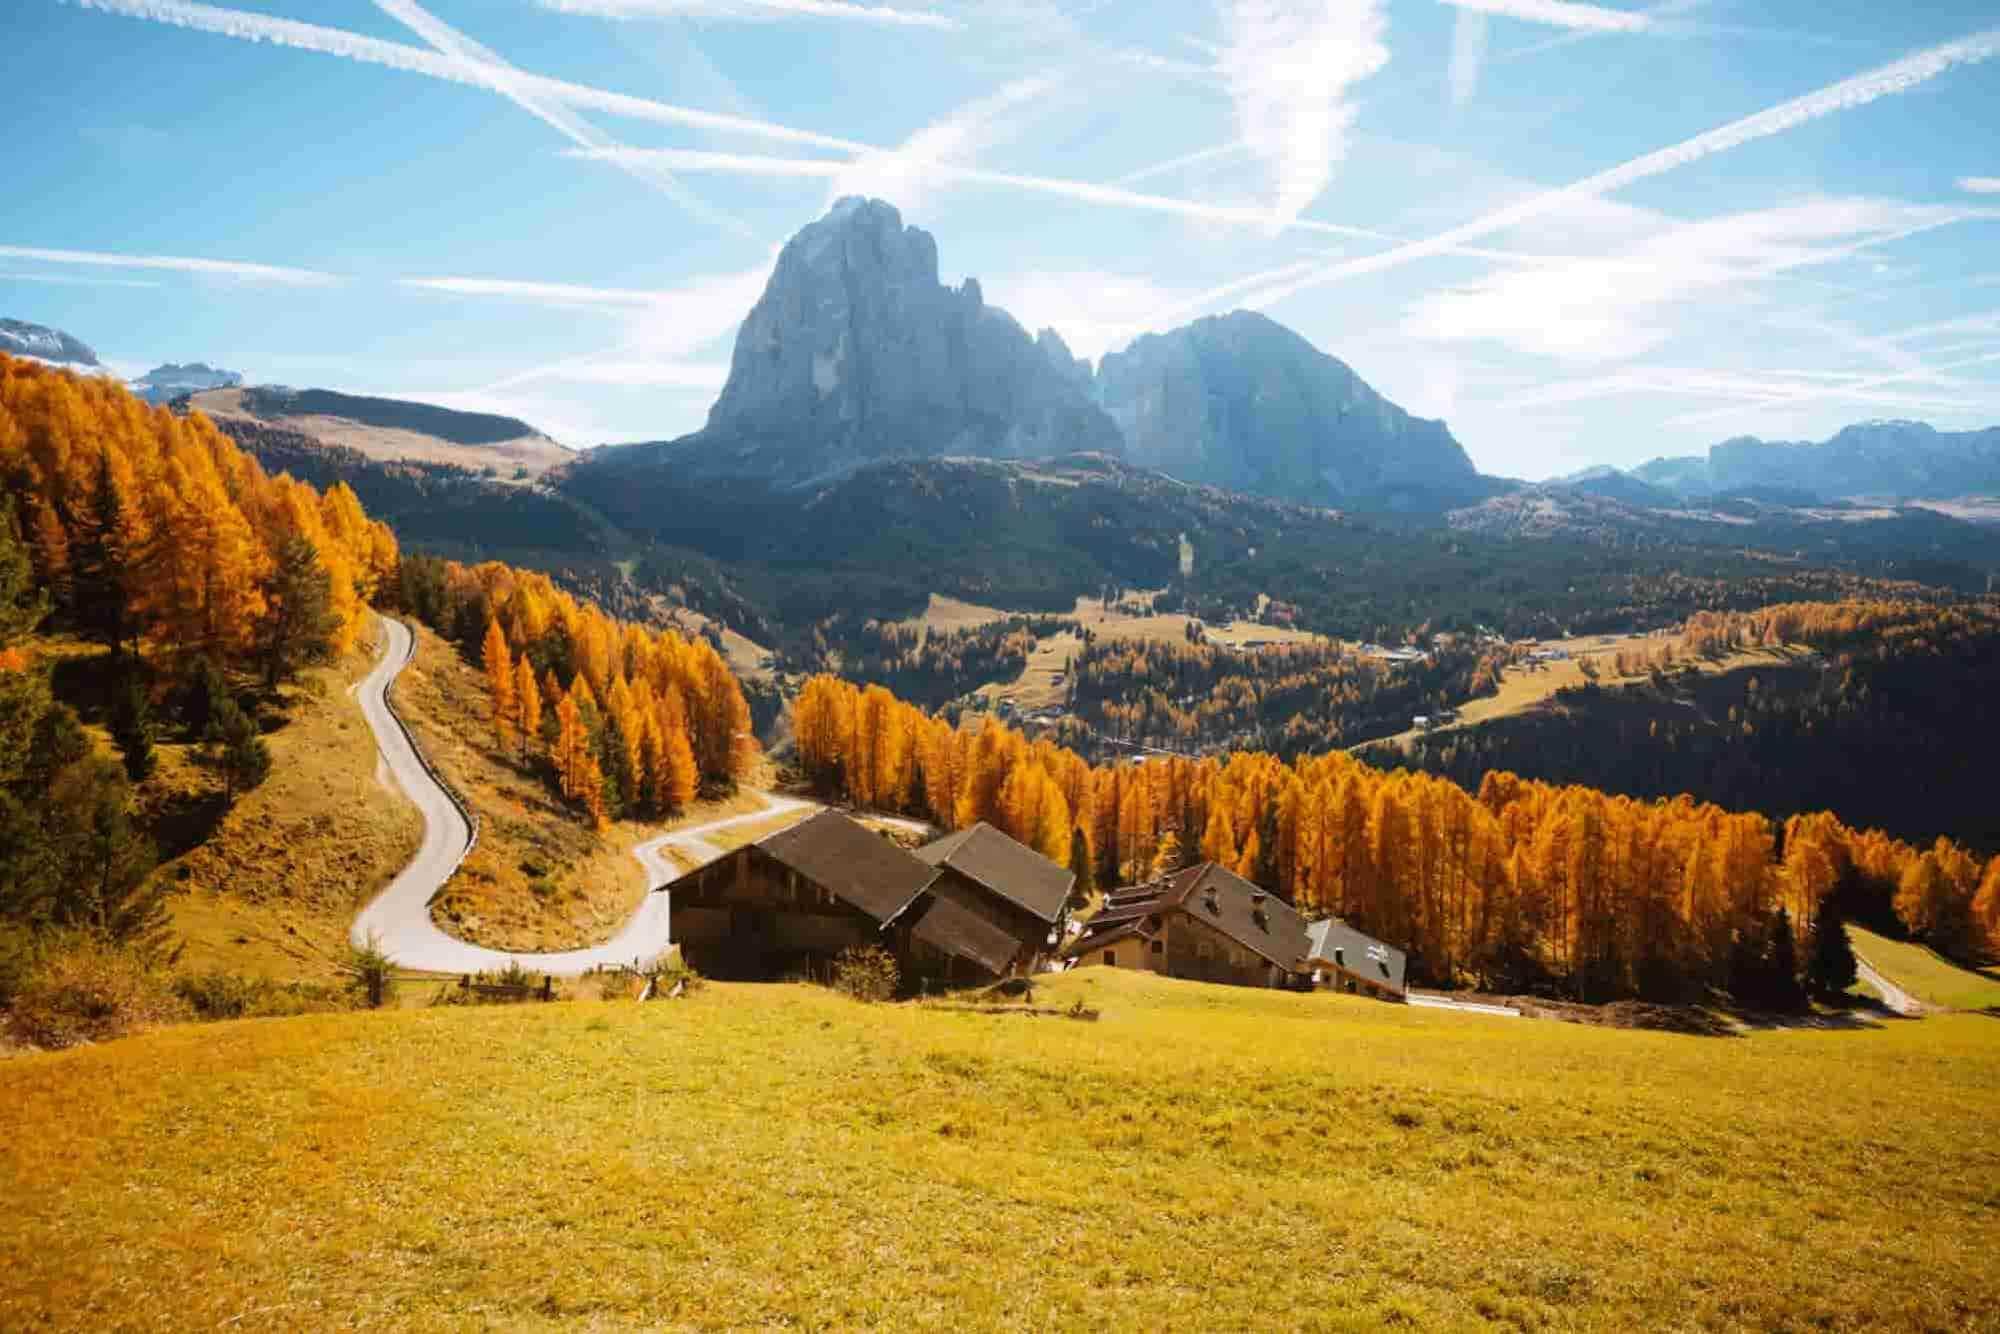 Landschaft eines Roadtrips durch die Schweiz